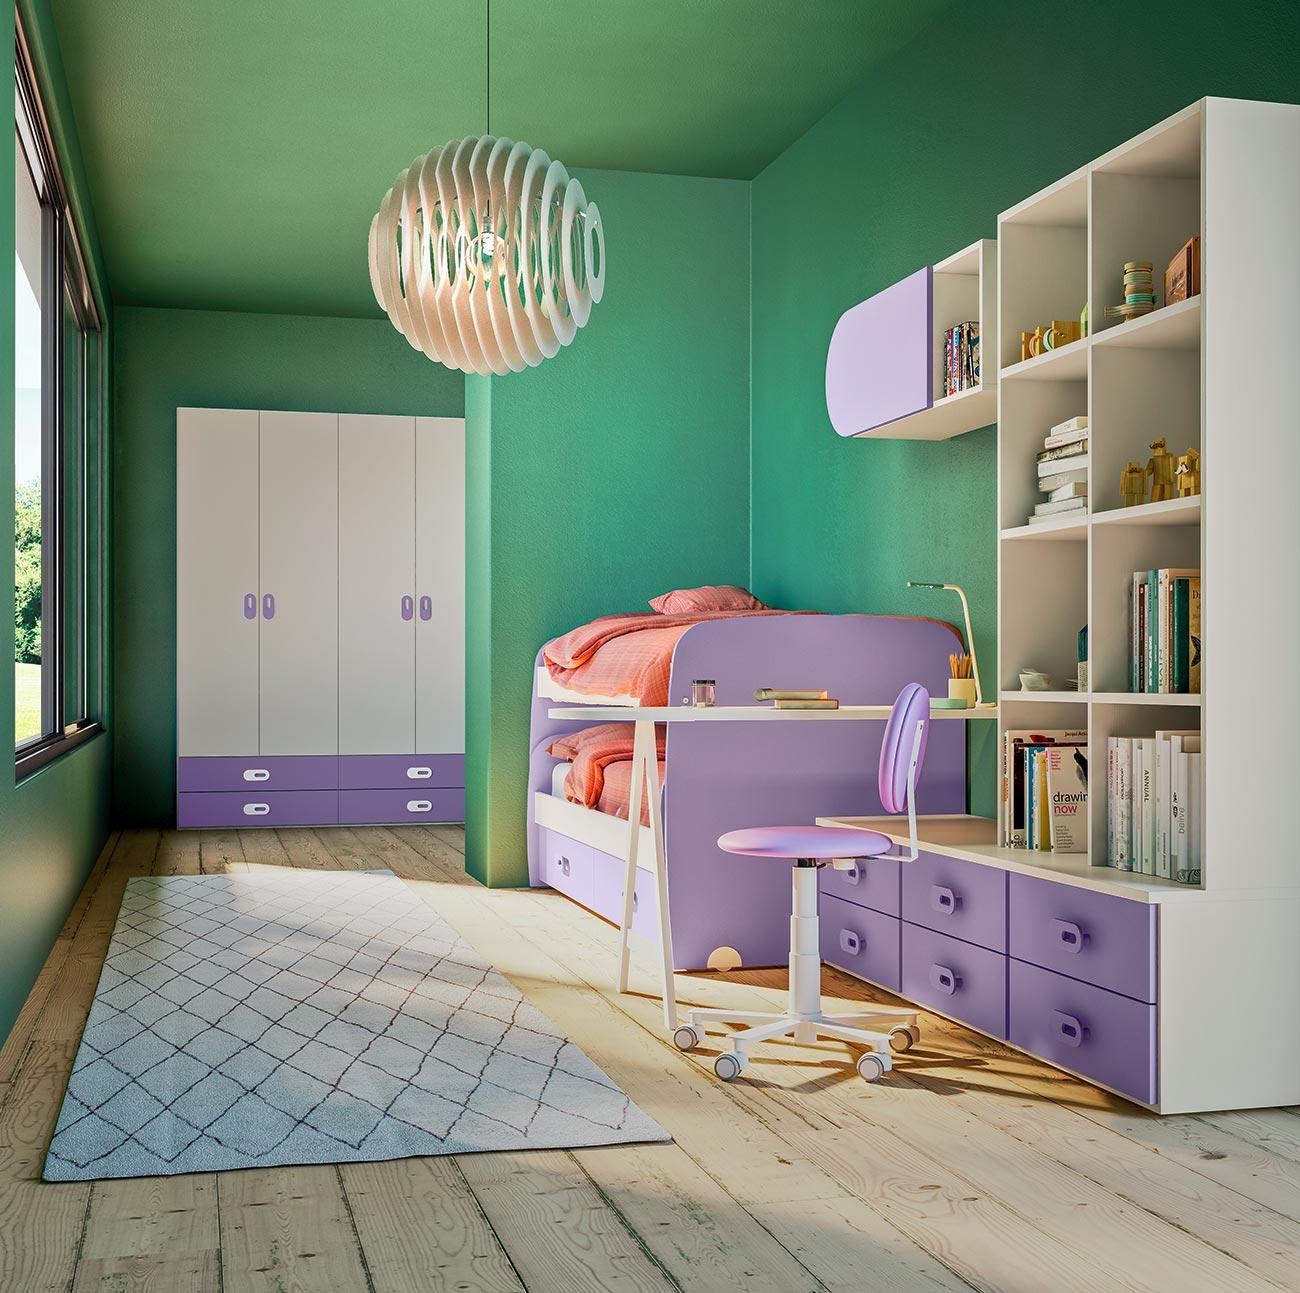 Letti A Castello Bassi.Camerette Con Letti A Castello E Trasformabili Mab Home Furniture